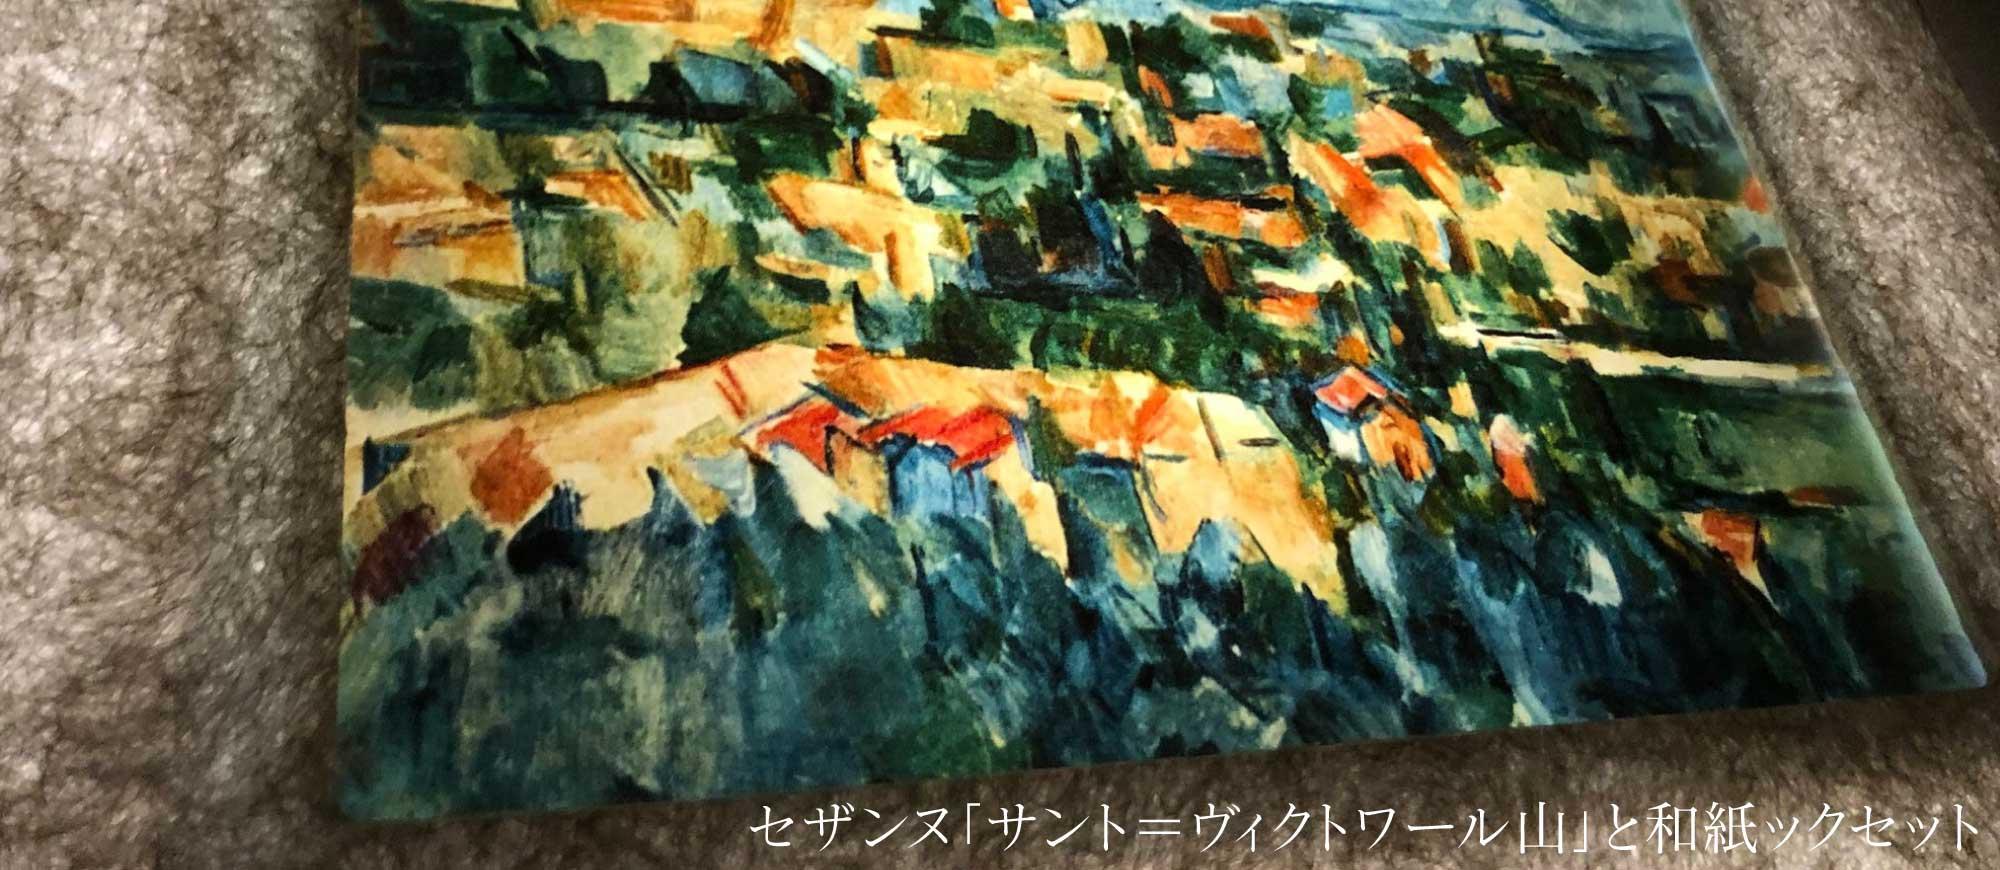 セザンヌ・サント=ヴィクトワール山と和紙ックフォトフレーム